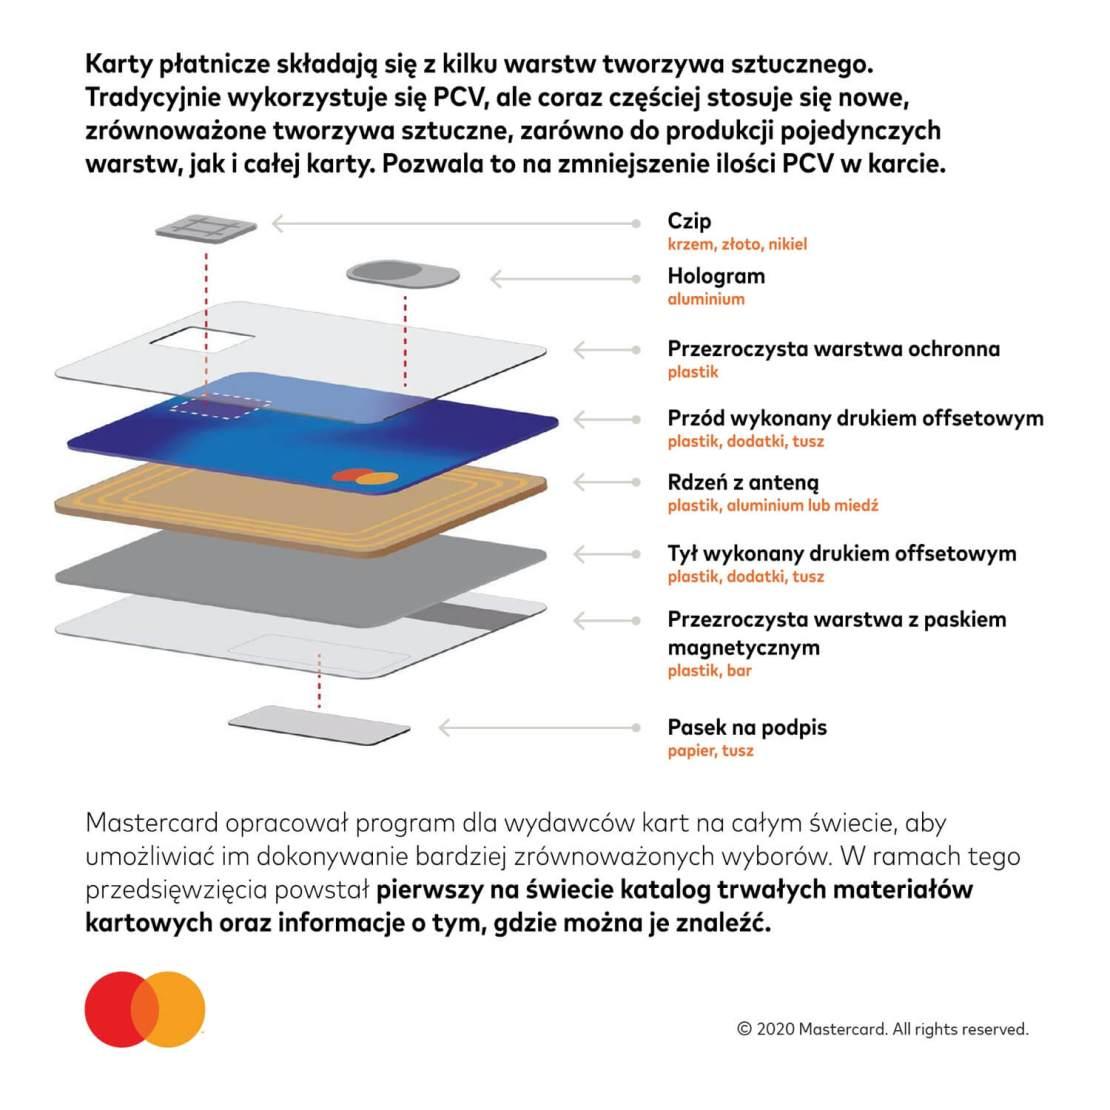 Z czego składa się karta płatnicza Mastercard?